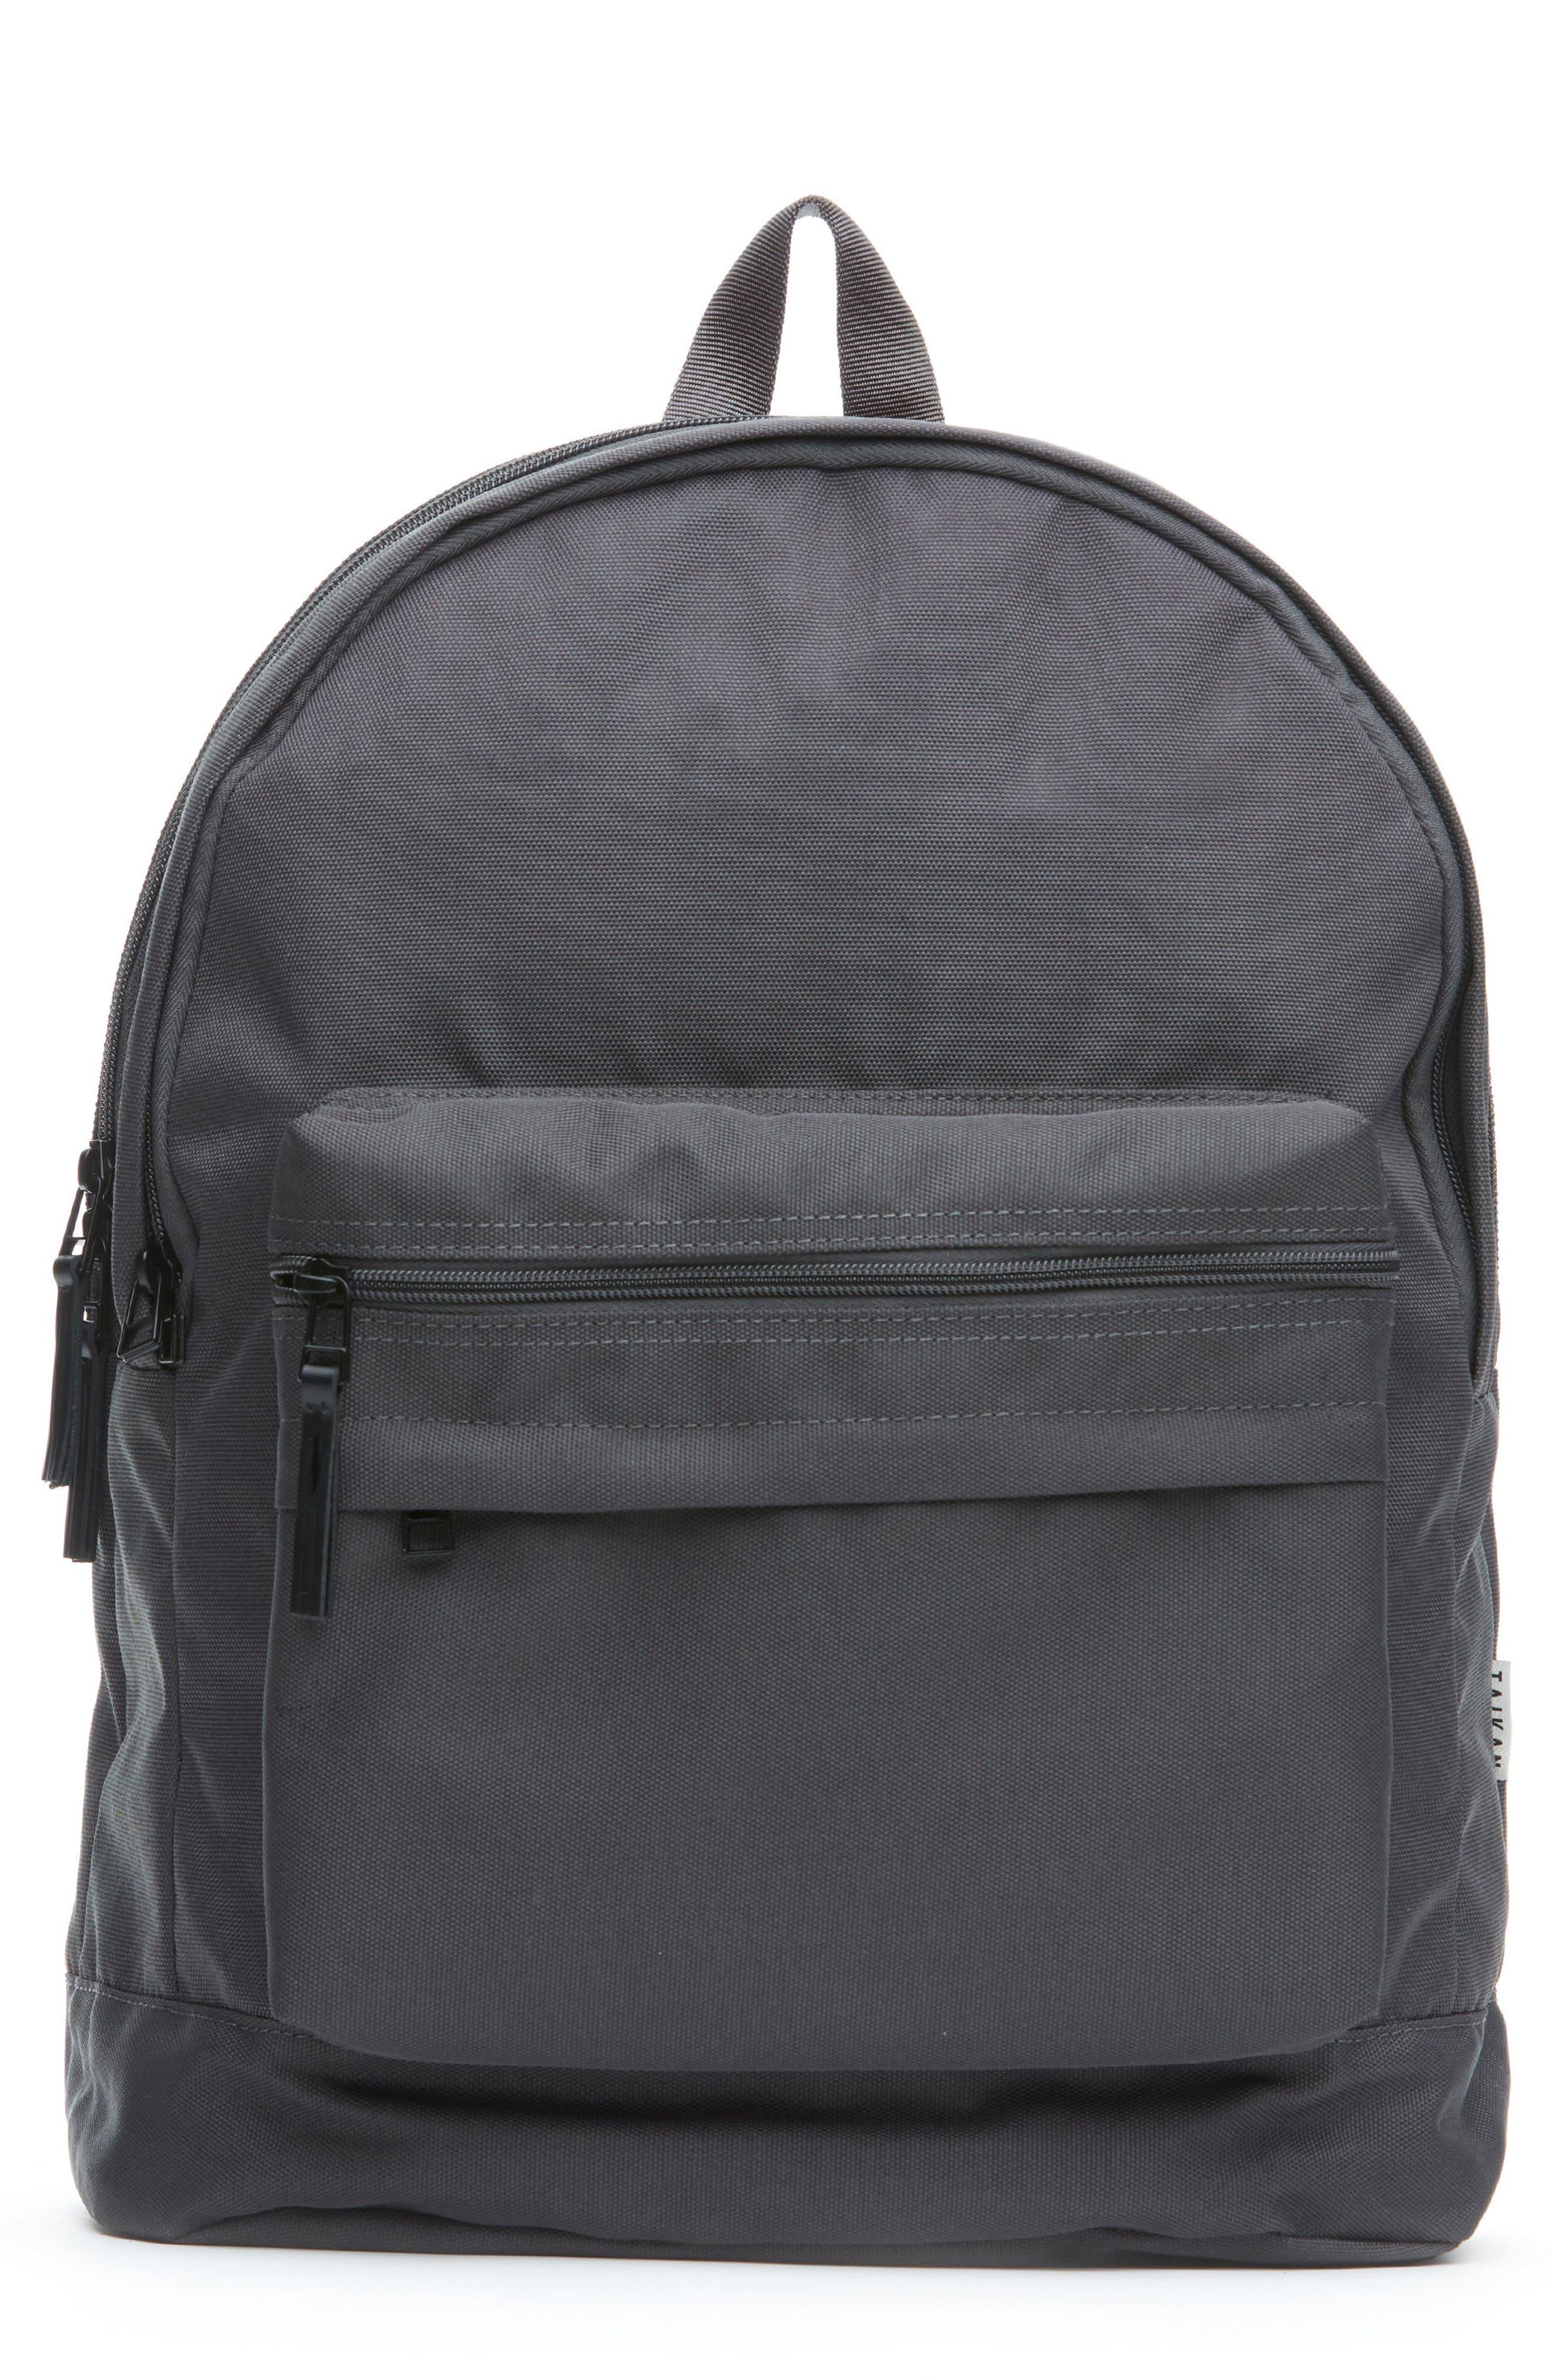 Lancer Backpack,                         Main,                         color, Charcoal